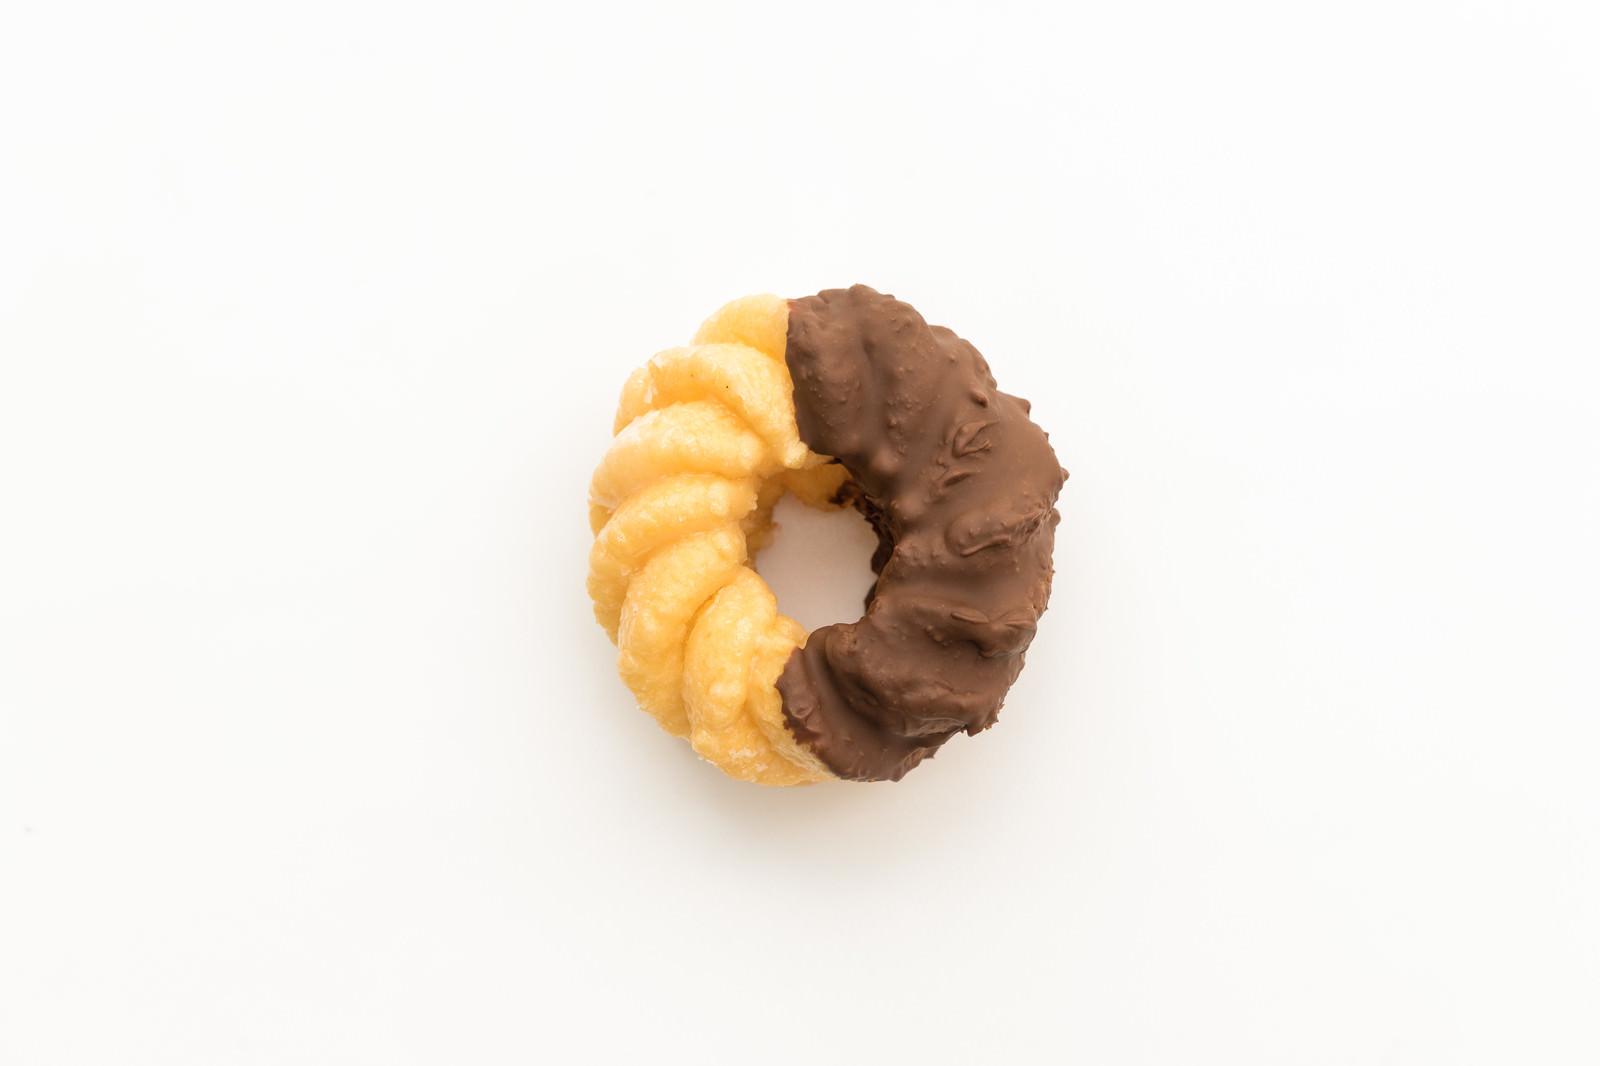 「チョコが半分ついたドーナツ」の写真